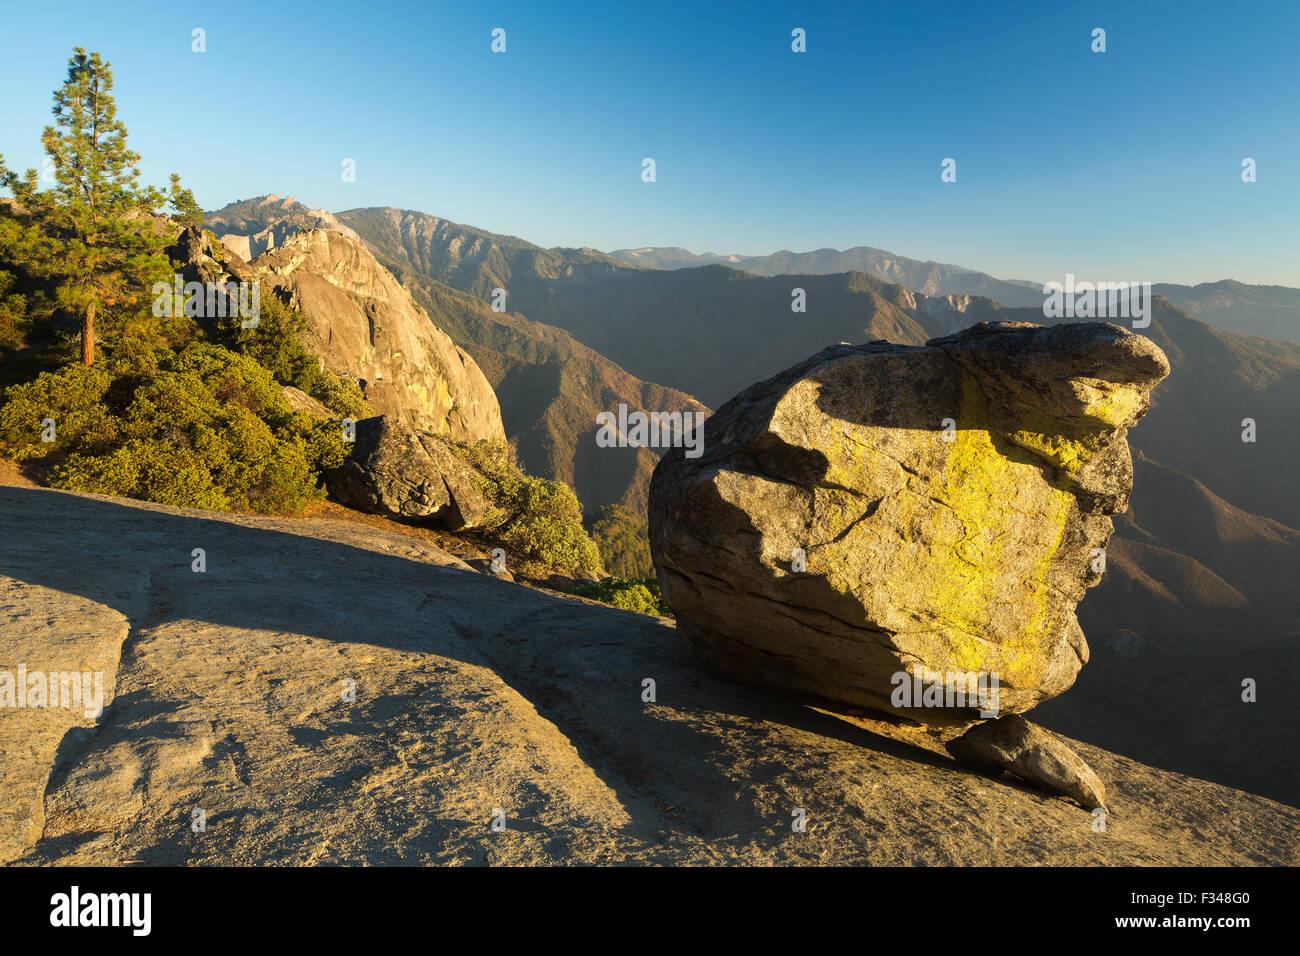 Rock colgantes, Sequoia National Park, California, EE.UU. Imagen De Stock